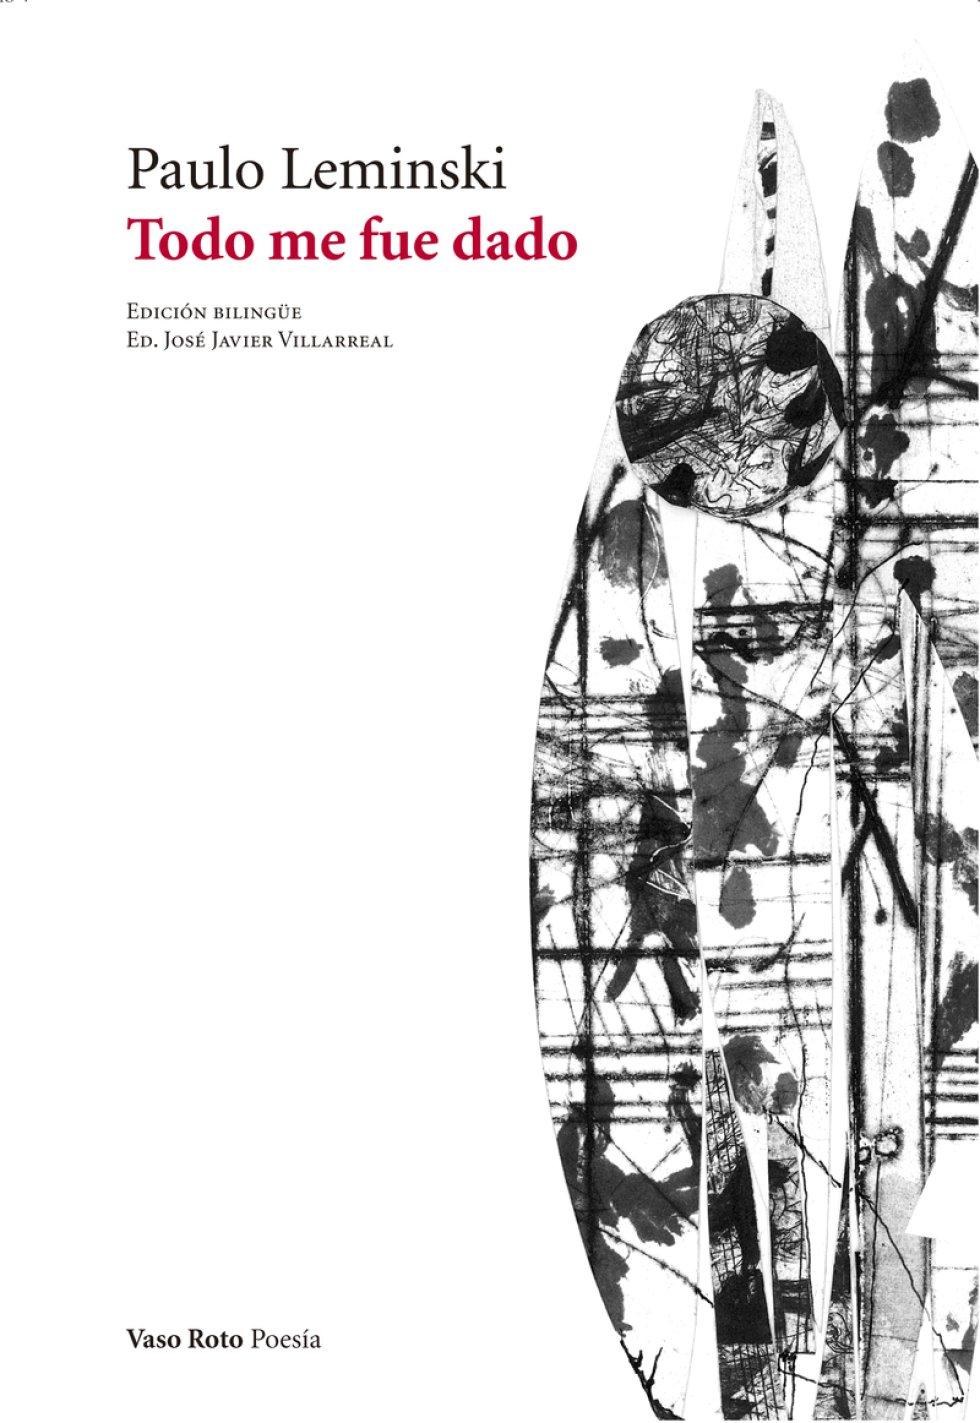 Paulo Leminski (1944-1989), samurái de ascendencia polaca y mostacho 'beat', murió de cirrosis a los 45 años en su Curitiba natal, siendo un poeta de culto que alcanzó la fama. De hecho, en Brasil es un autor con mucho éxito. En España, en cambio, apenas se le conoce pese a la inestimable contribución de la editorial Kriller71 ('Yo iba a ser Homero'), a la que hoy se suma la de Vaso Roto, con la antología 'Todo me fue dado'. Título pertinente si consideramos que lo que no absorbió su hígado lo absorbió su escritura, donde convergen, con afortunados desvíos, tantas sensibilidades: la de las viejas fábulas, el humor modernista de Oswald de Andrade (poema-piada), el concretismo, la cultura zen, los eslóganes y canciones pop.